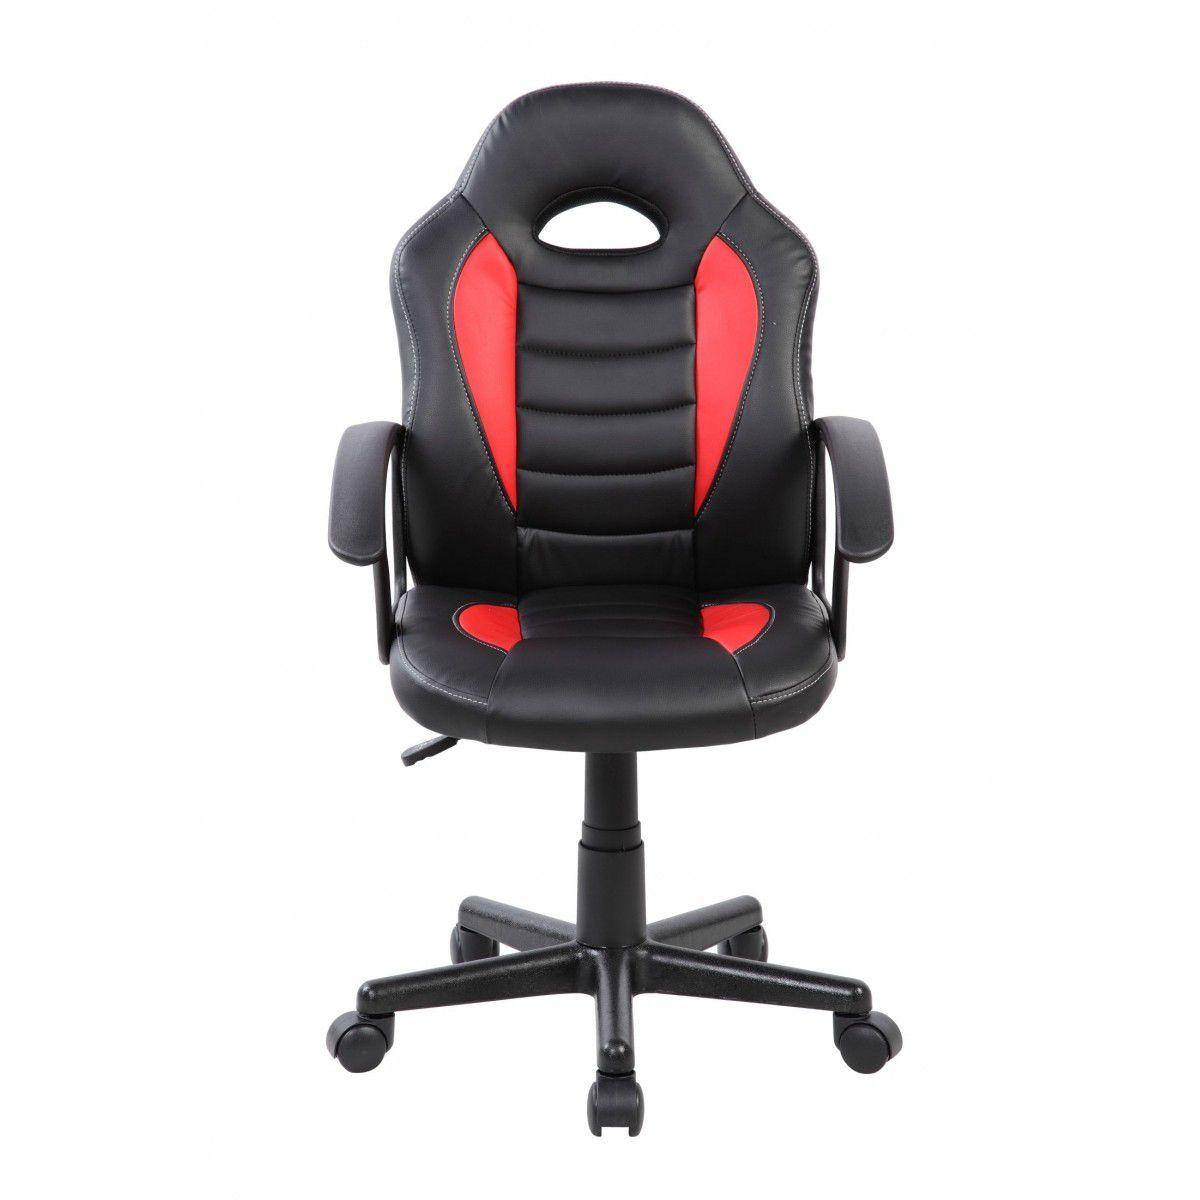 Cadeira Gamer Giratória Vermelha e Preta Kids - at.home